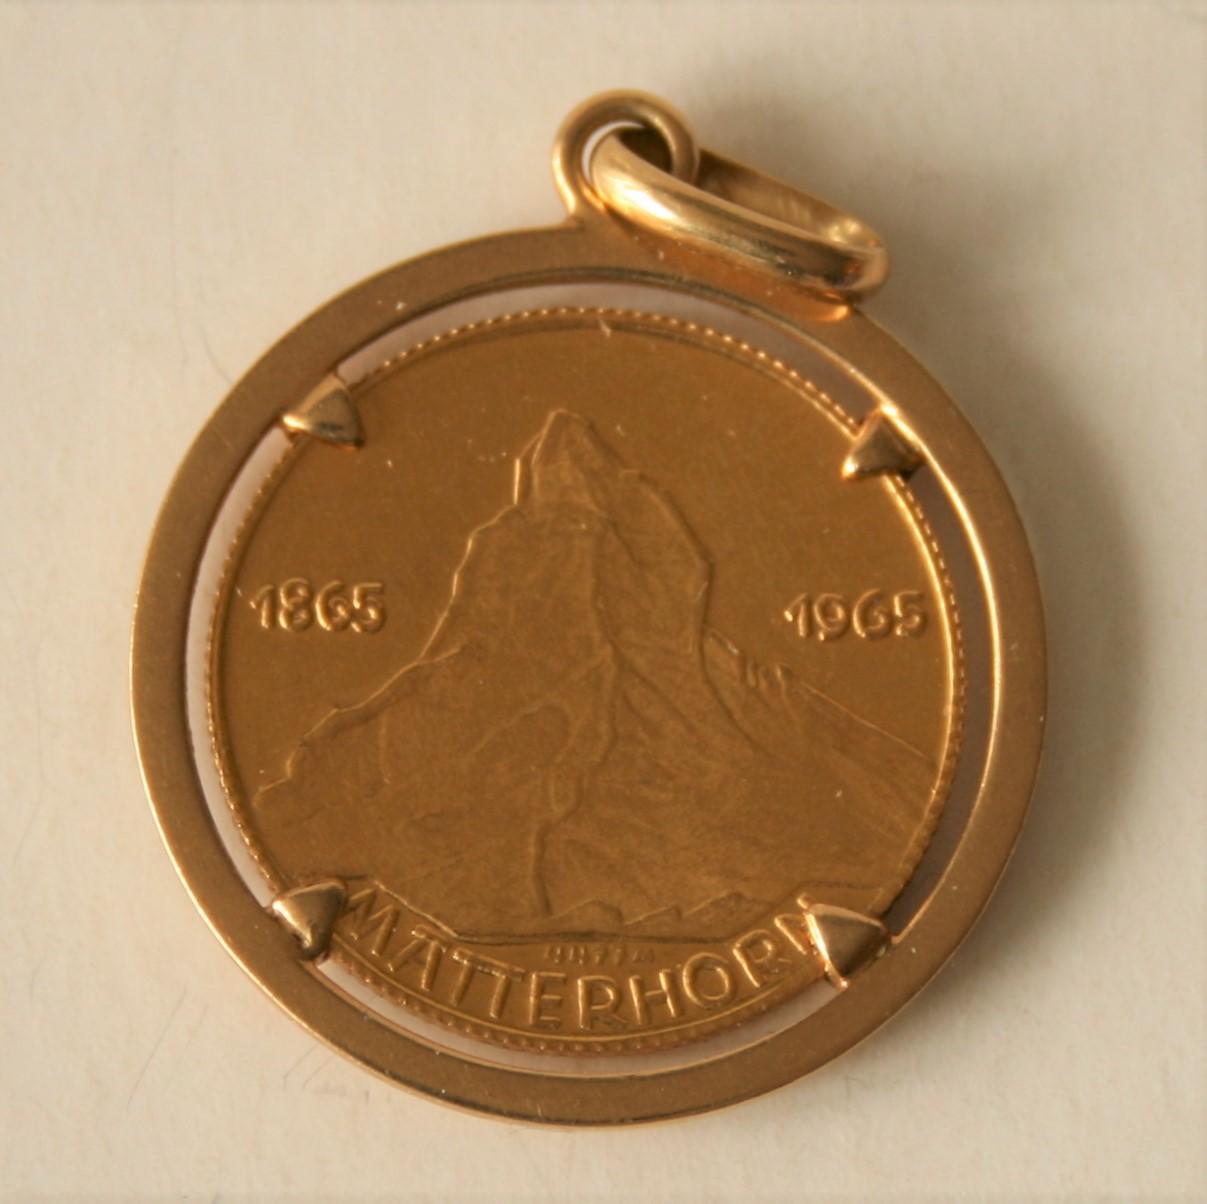 Médaille en or Edward Whymper Matterhorn, montée sur une broche en or 18 ct - Poids [...]